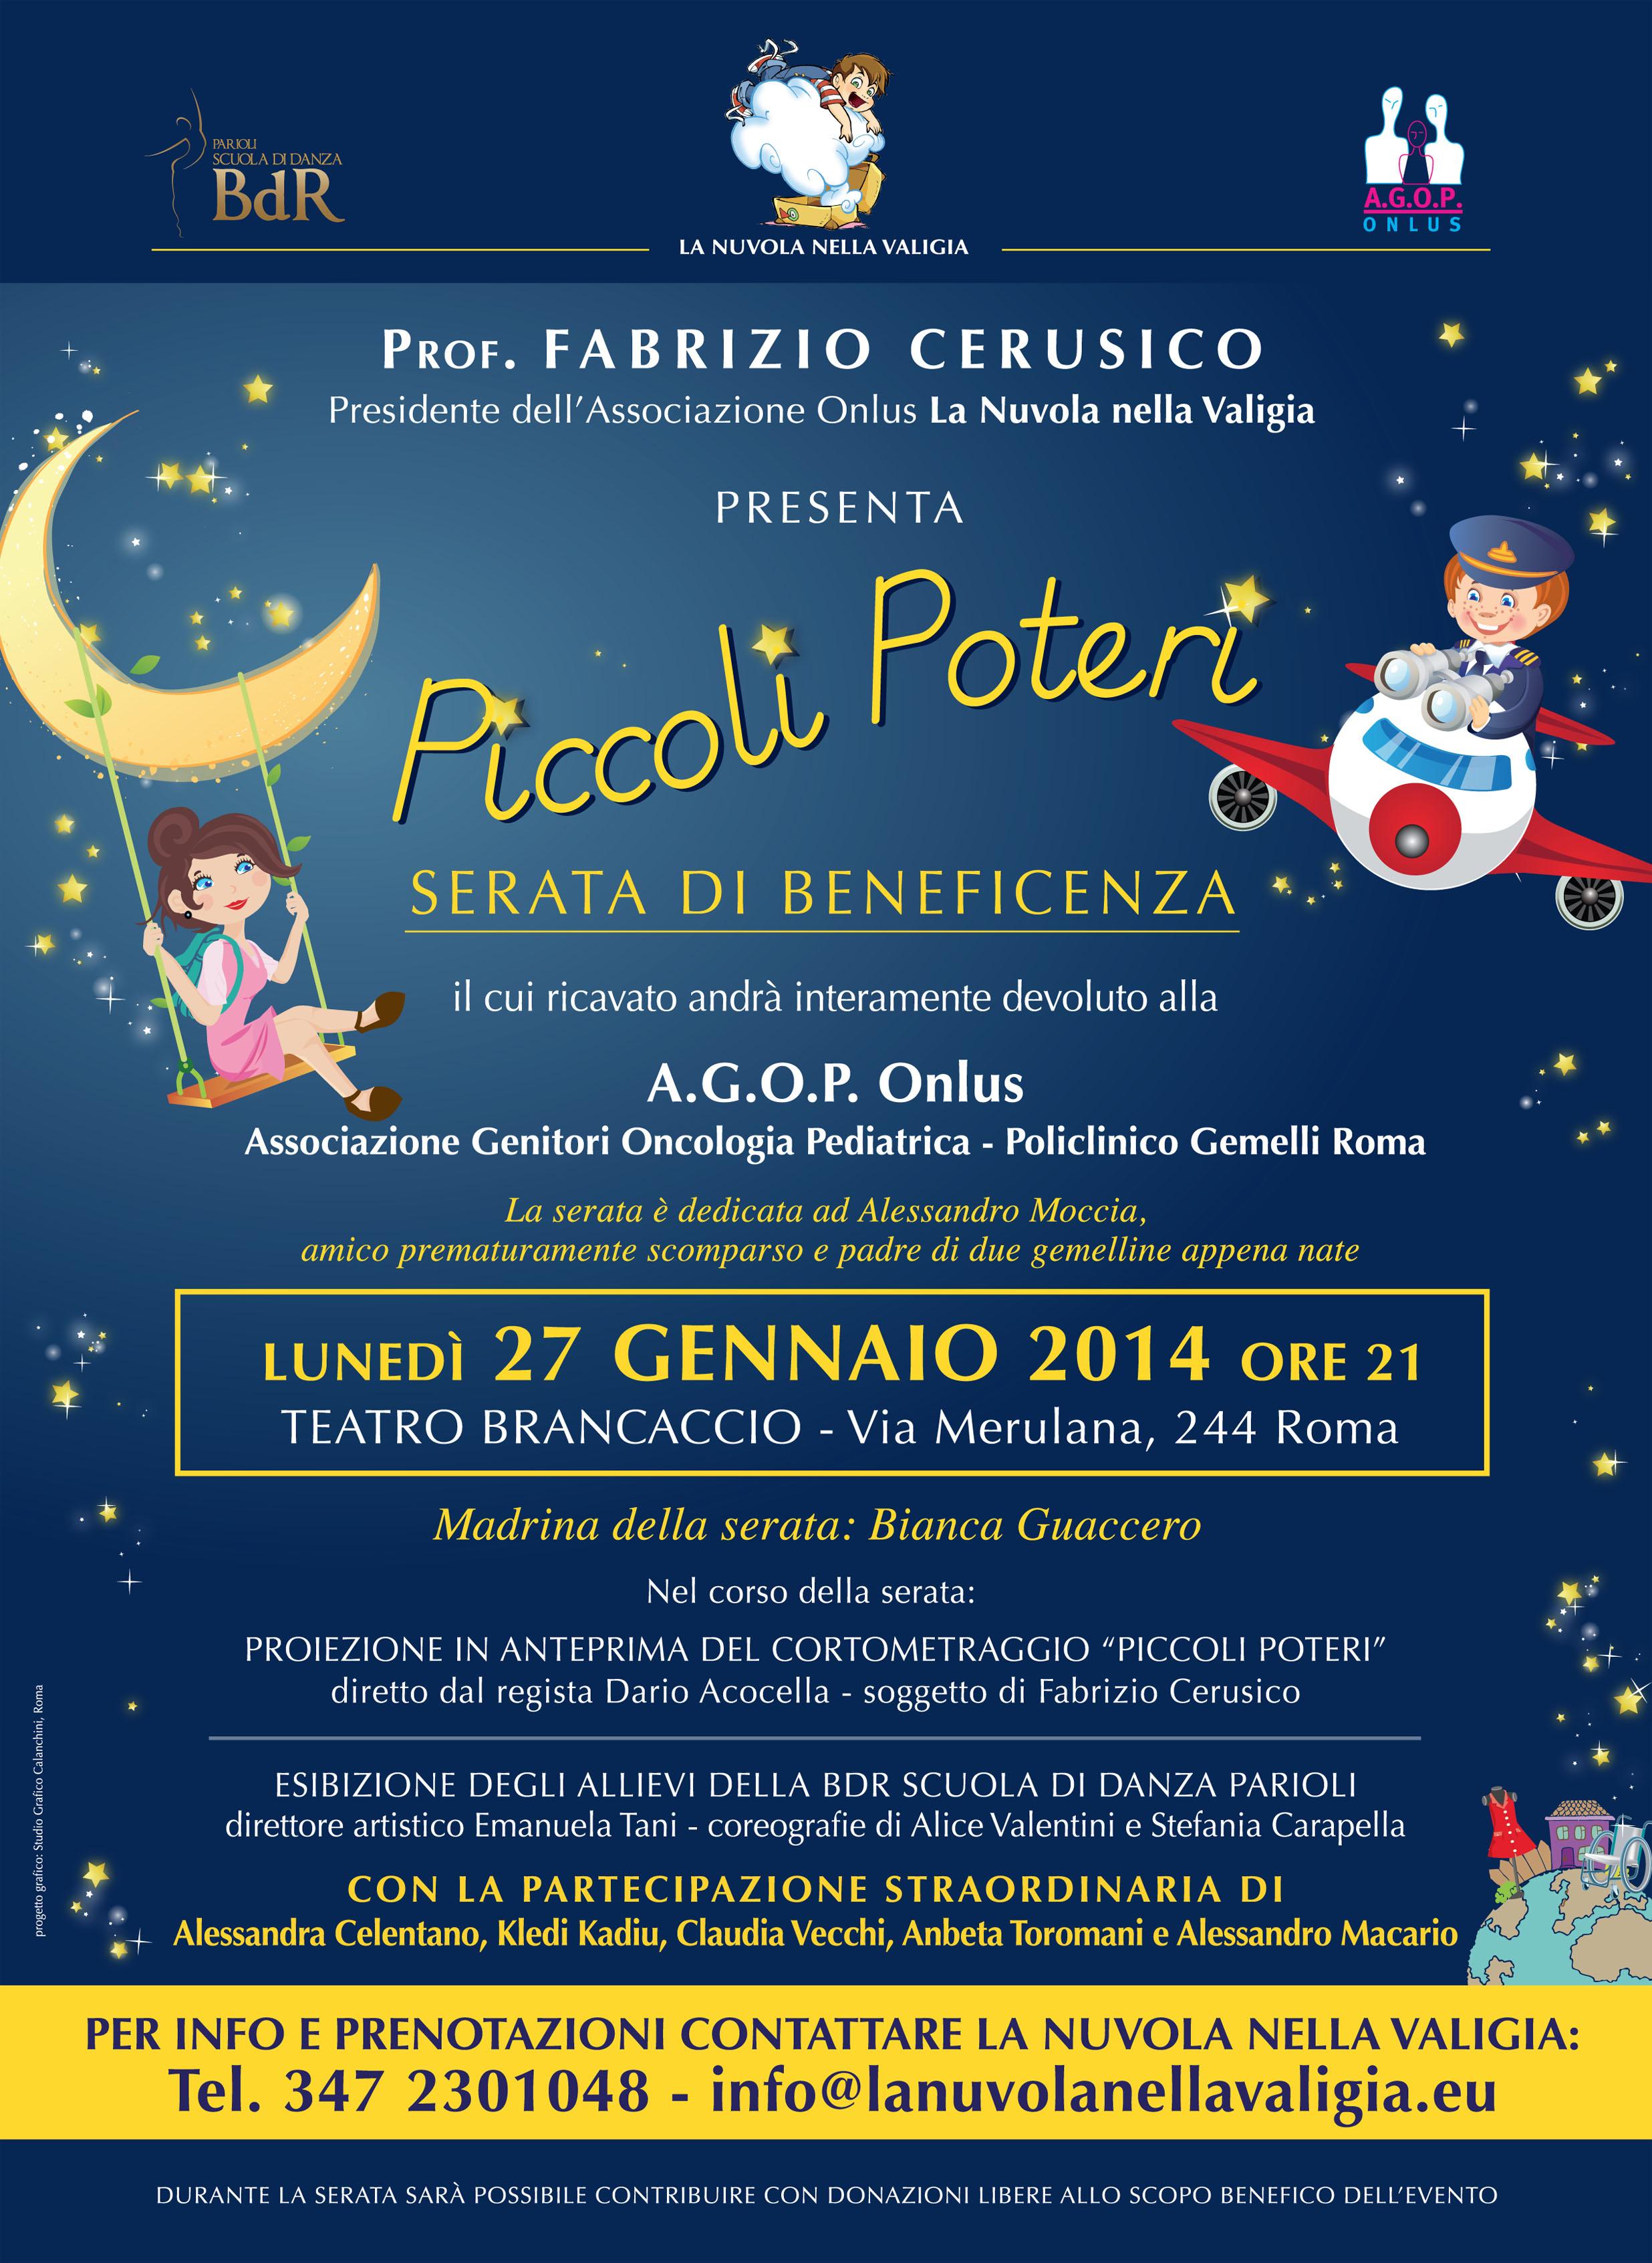 Il Brancaccio ospita una serata di beneficenza dedicata all' A.G.O.P Onlus